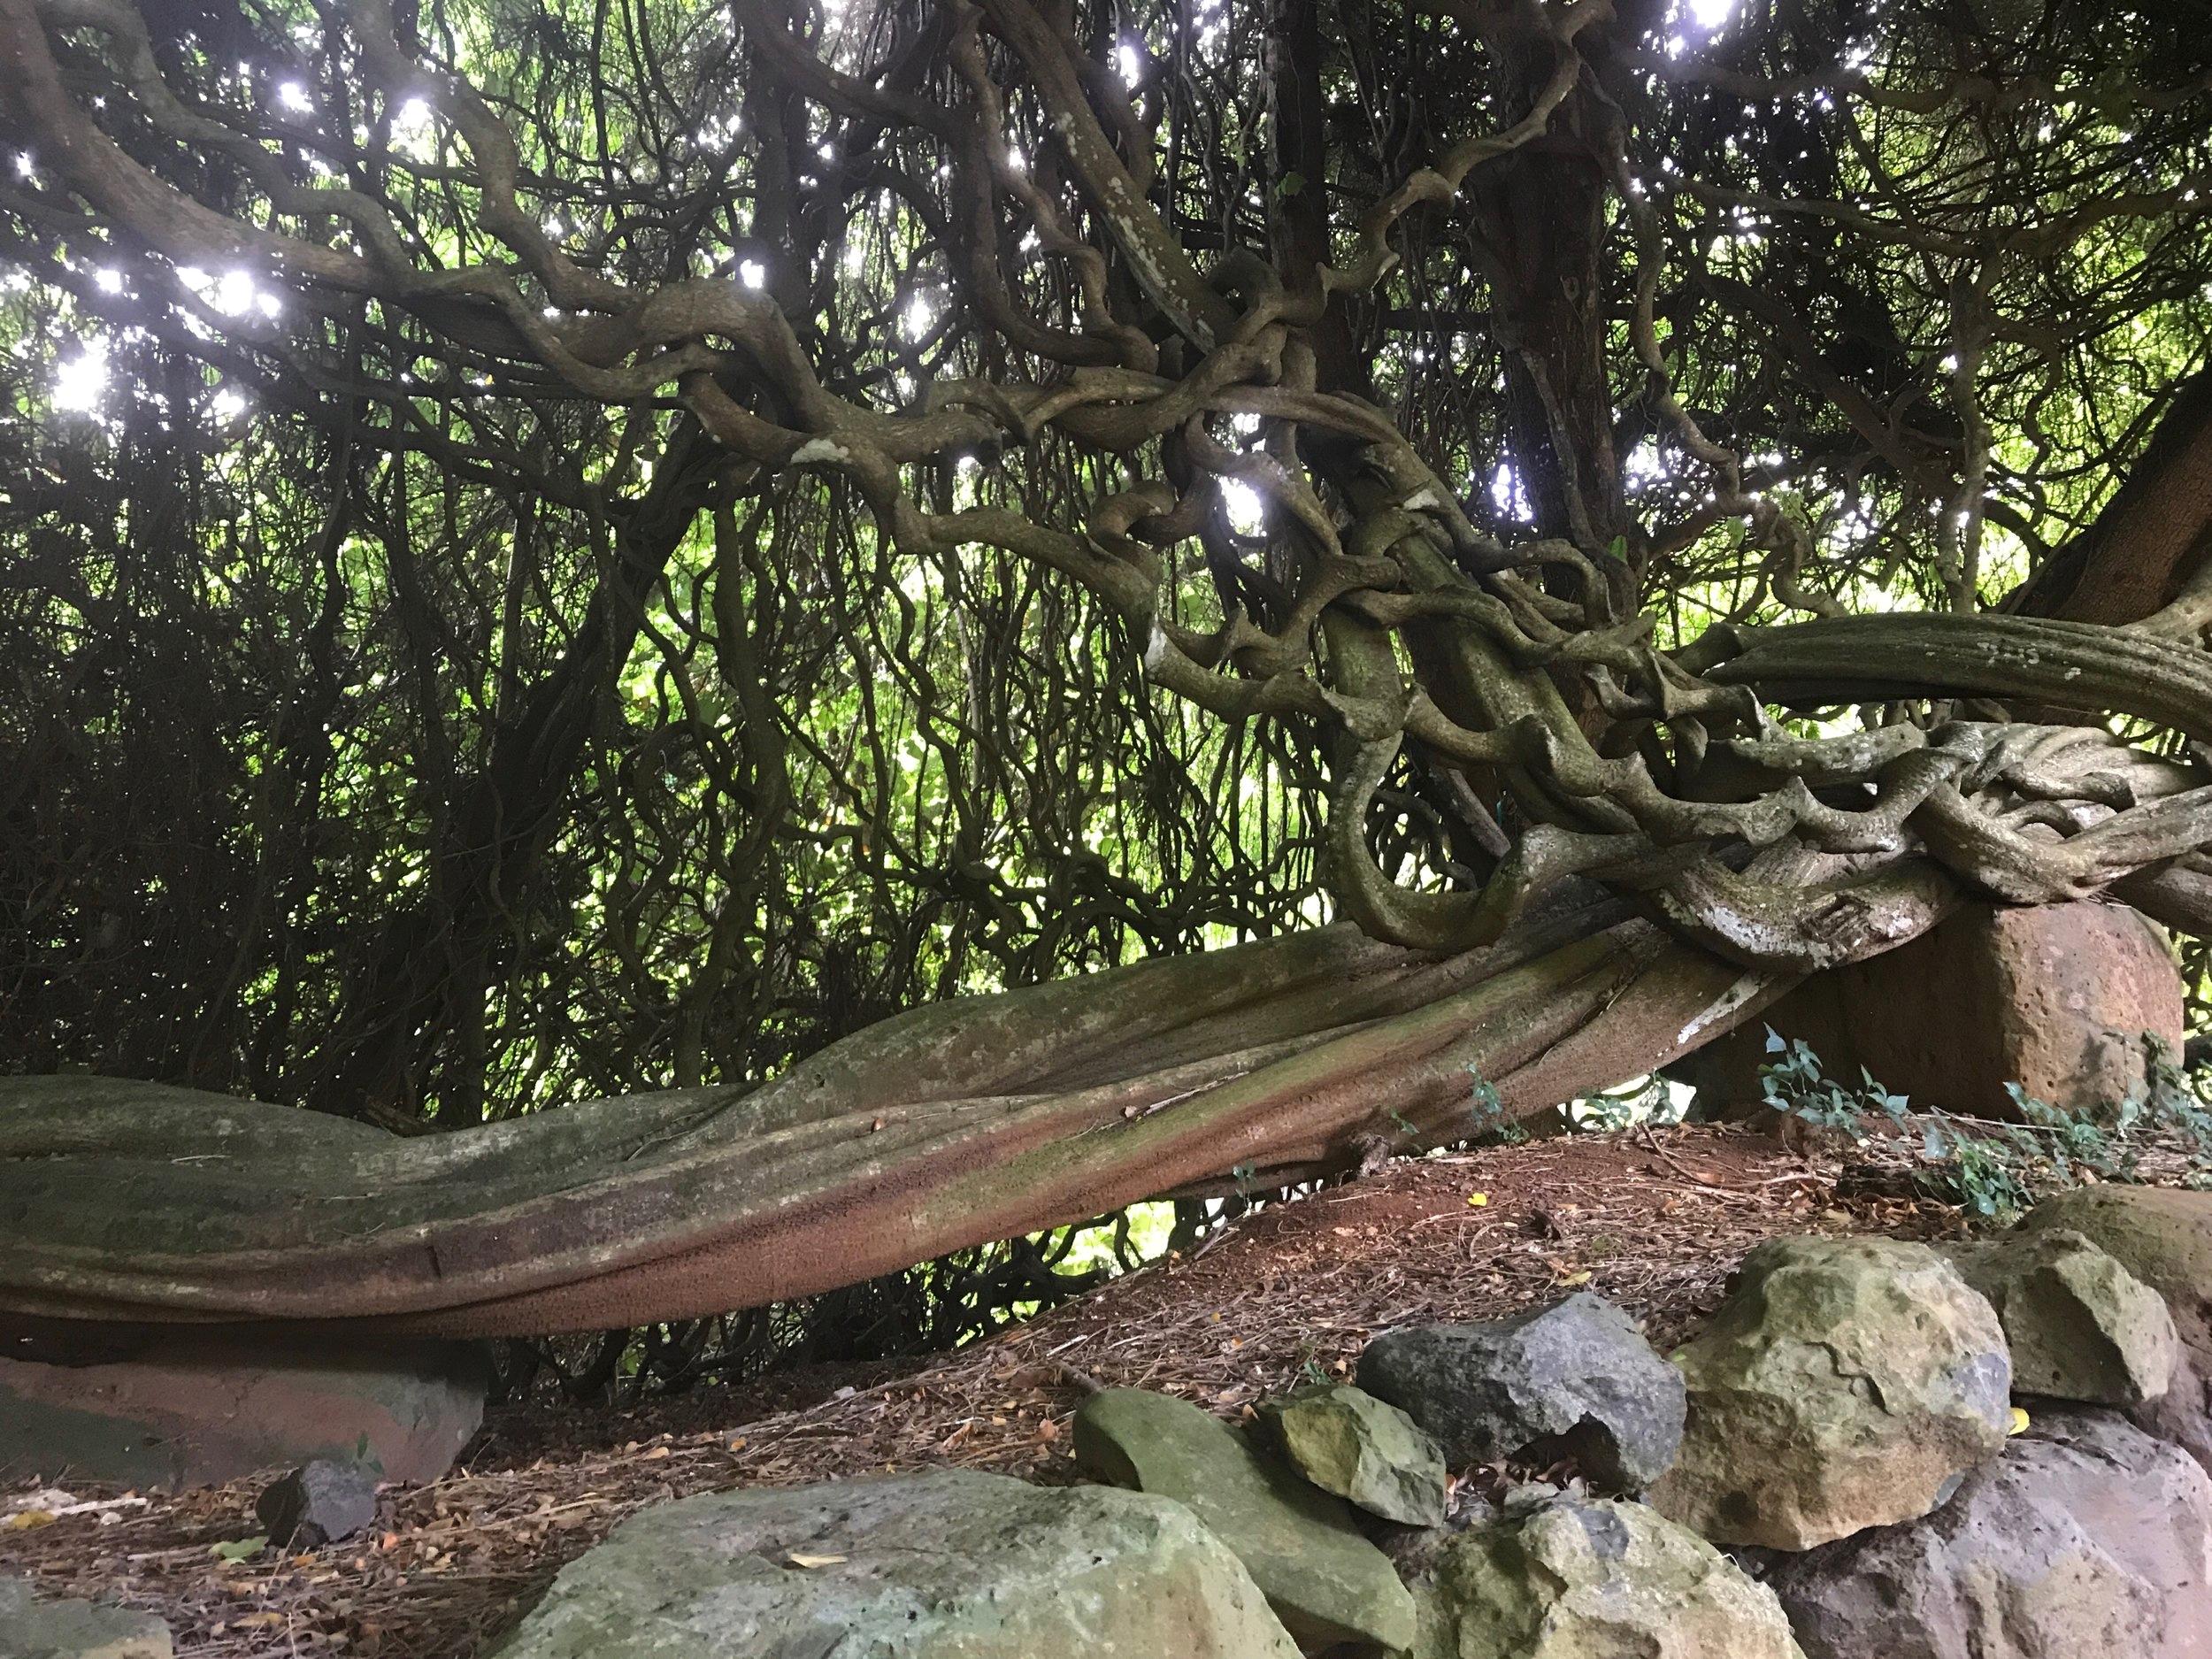 龍ですか?!自然の織り成す形には圧巻される!!